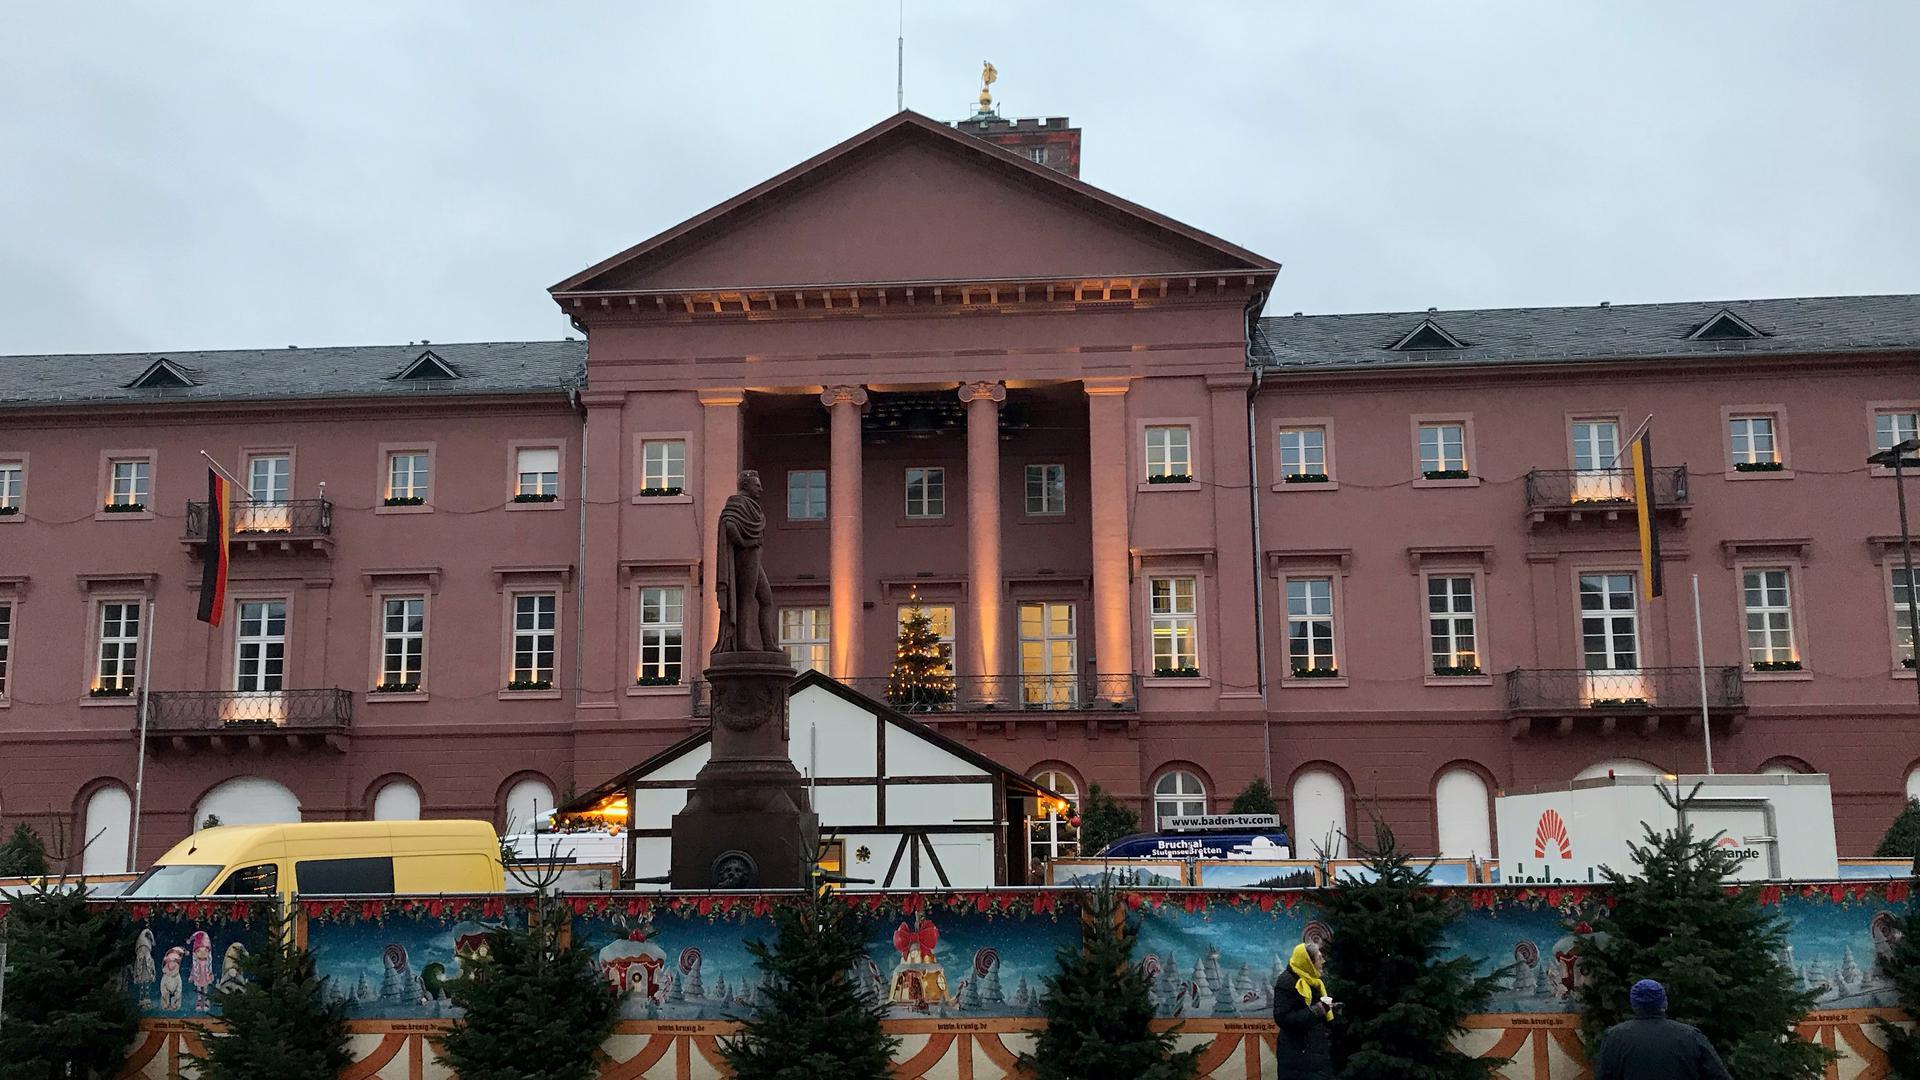 Die Fassade des Rathauses in Karlsruhe, davor Weihnachtsmarkt-Buden, in der Corona-Zeit.